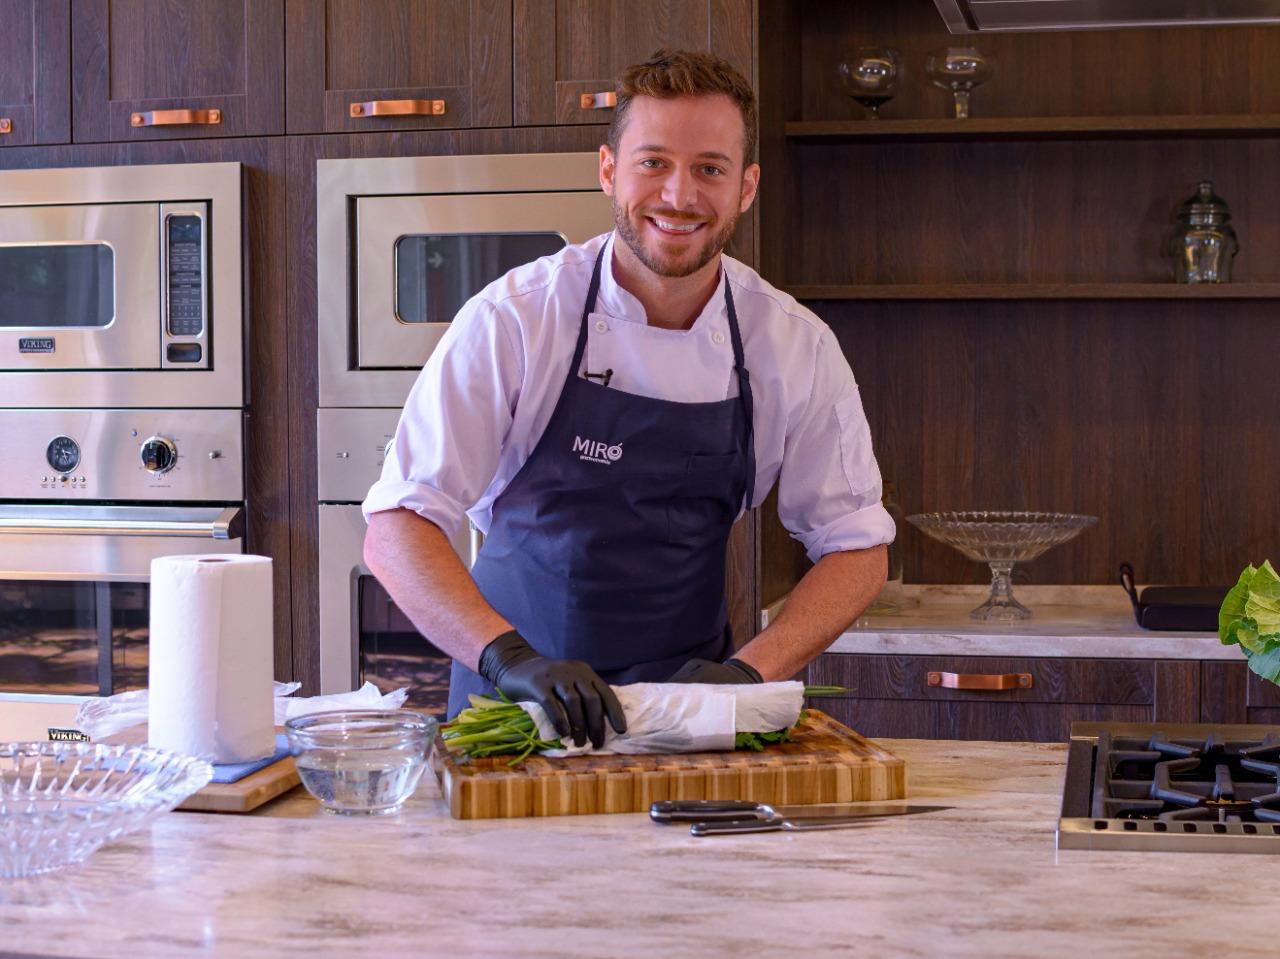 Band Receitas lança série de vídeos 'Dicas de Minutos' com o chef Dalton Rangel no Youtube